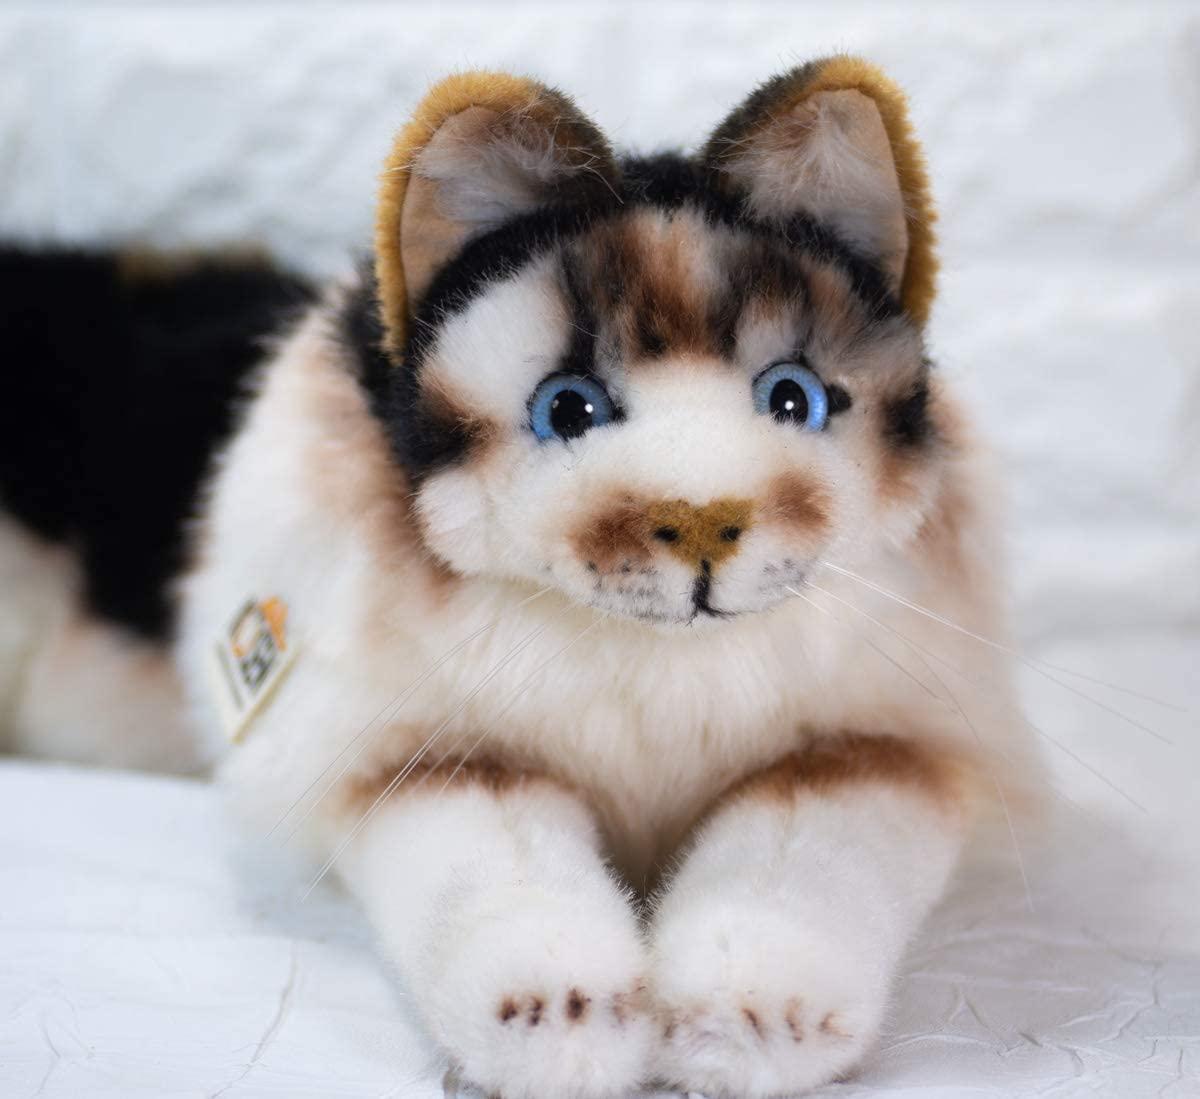 Kösener Katze 7380 Glückskatze schwarz Weiss braun liegend 69 cm Kopf